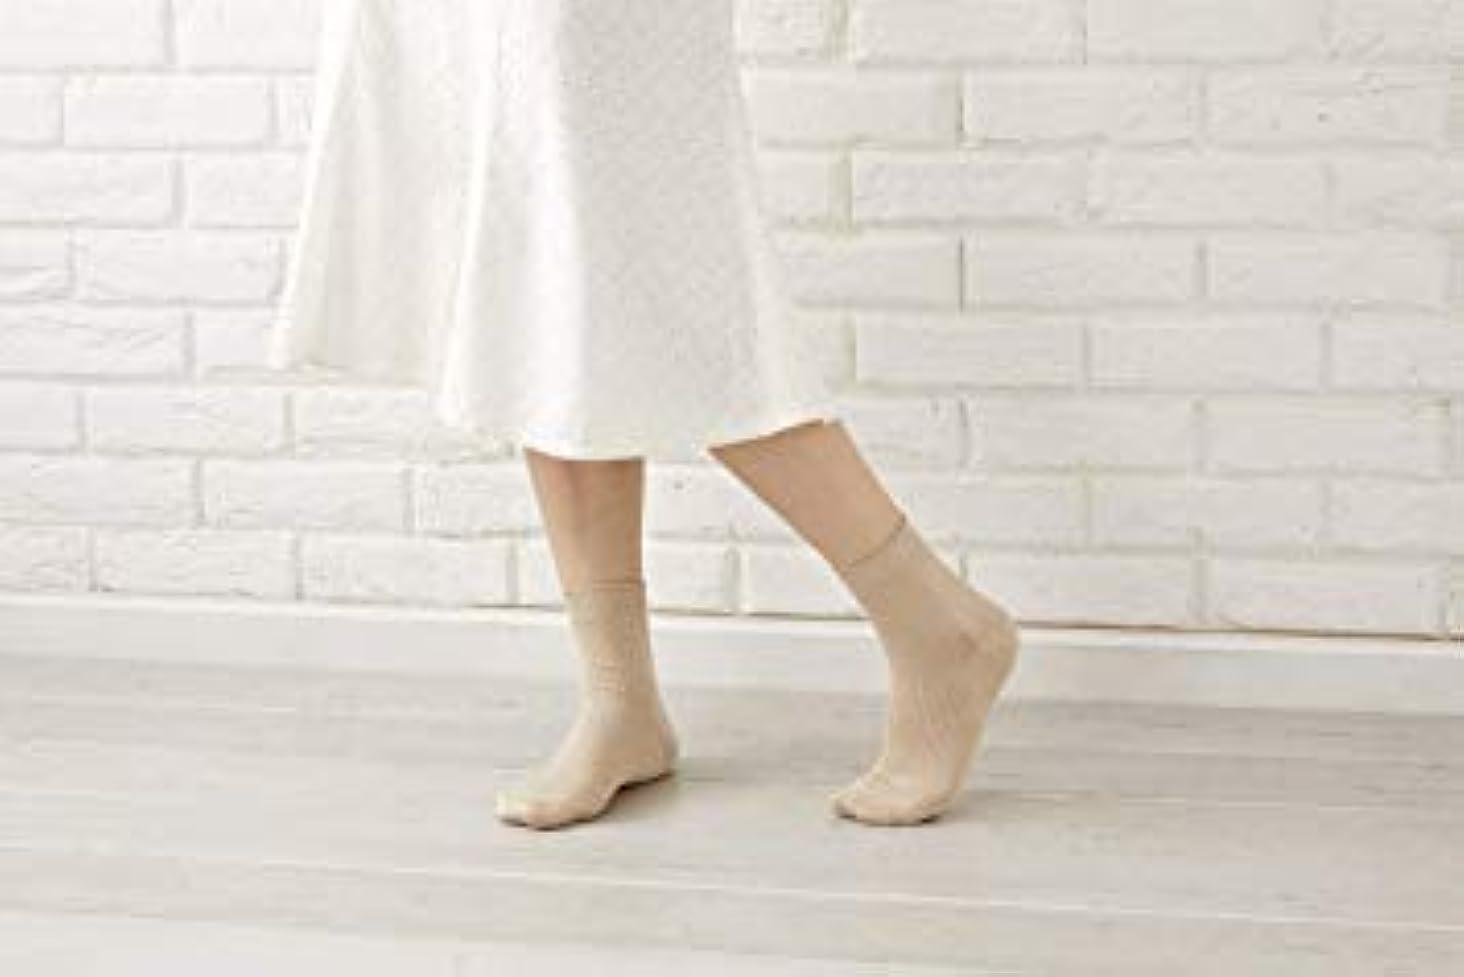 魔術夫婦グリル婦人用 最高級 シルク100% 使用 定番 靴下 リブ 22-24cm 太陽ニット 512 (ピンク)